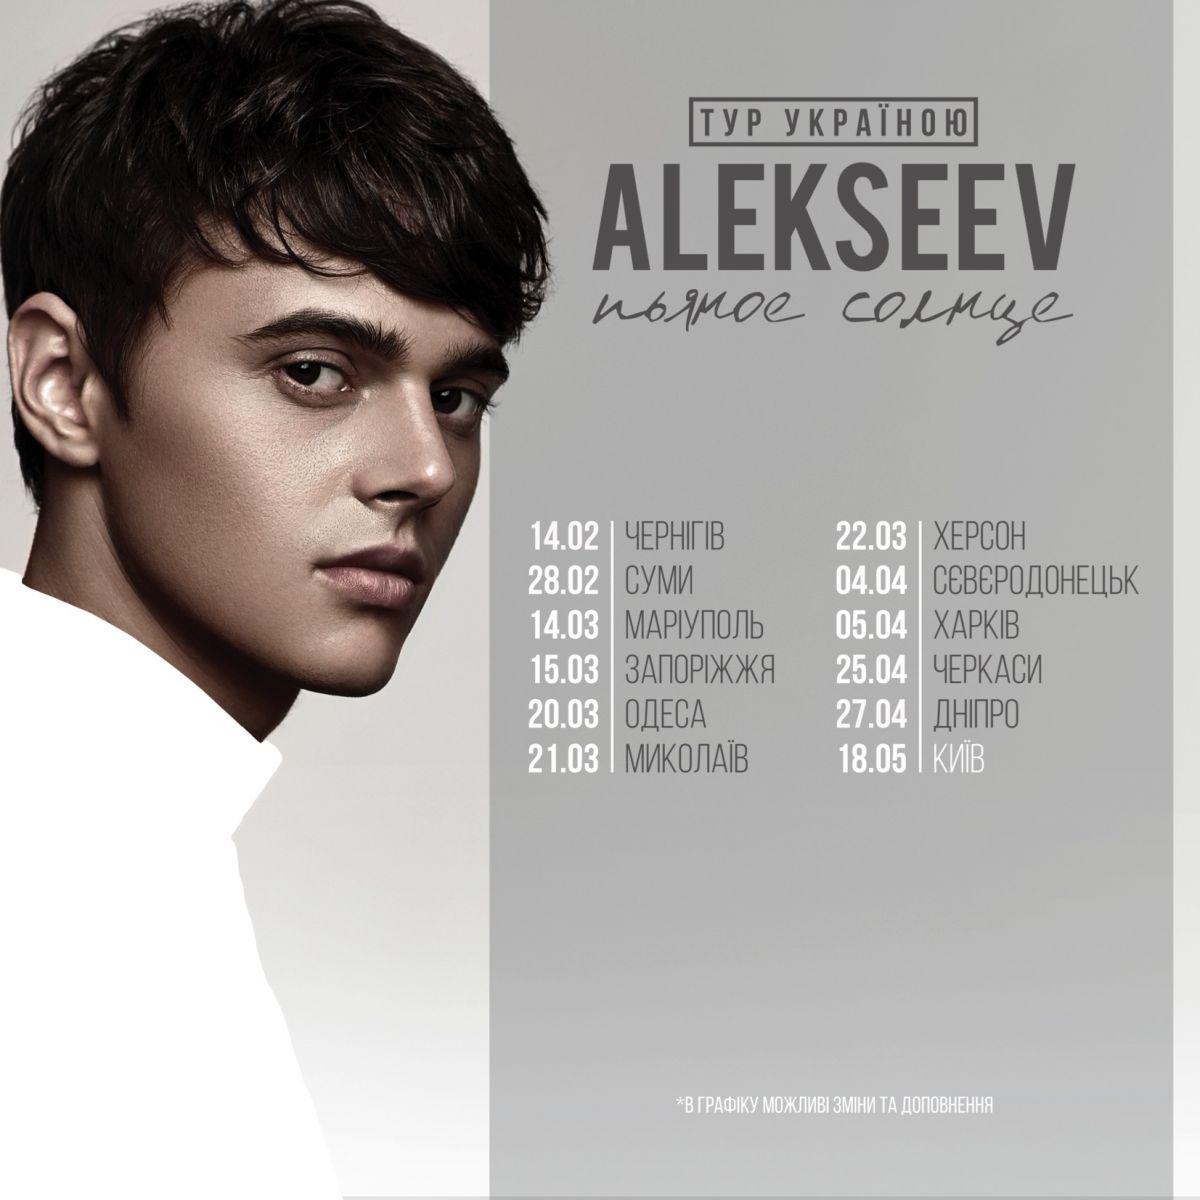 """Alekseev даст первый концерт Всеукраинского тура """"Пьяное солнце"""""""